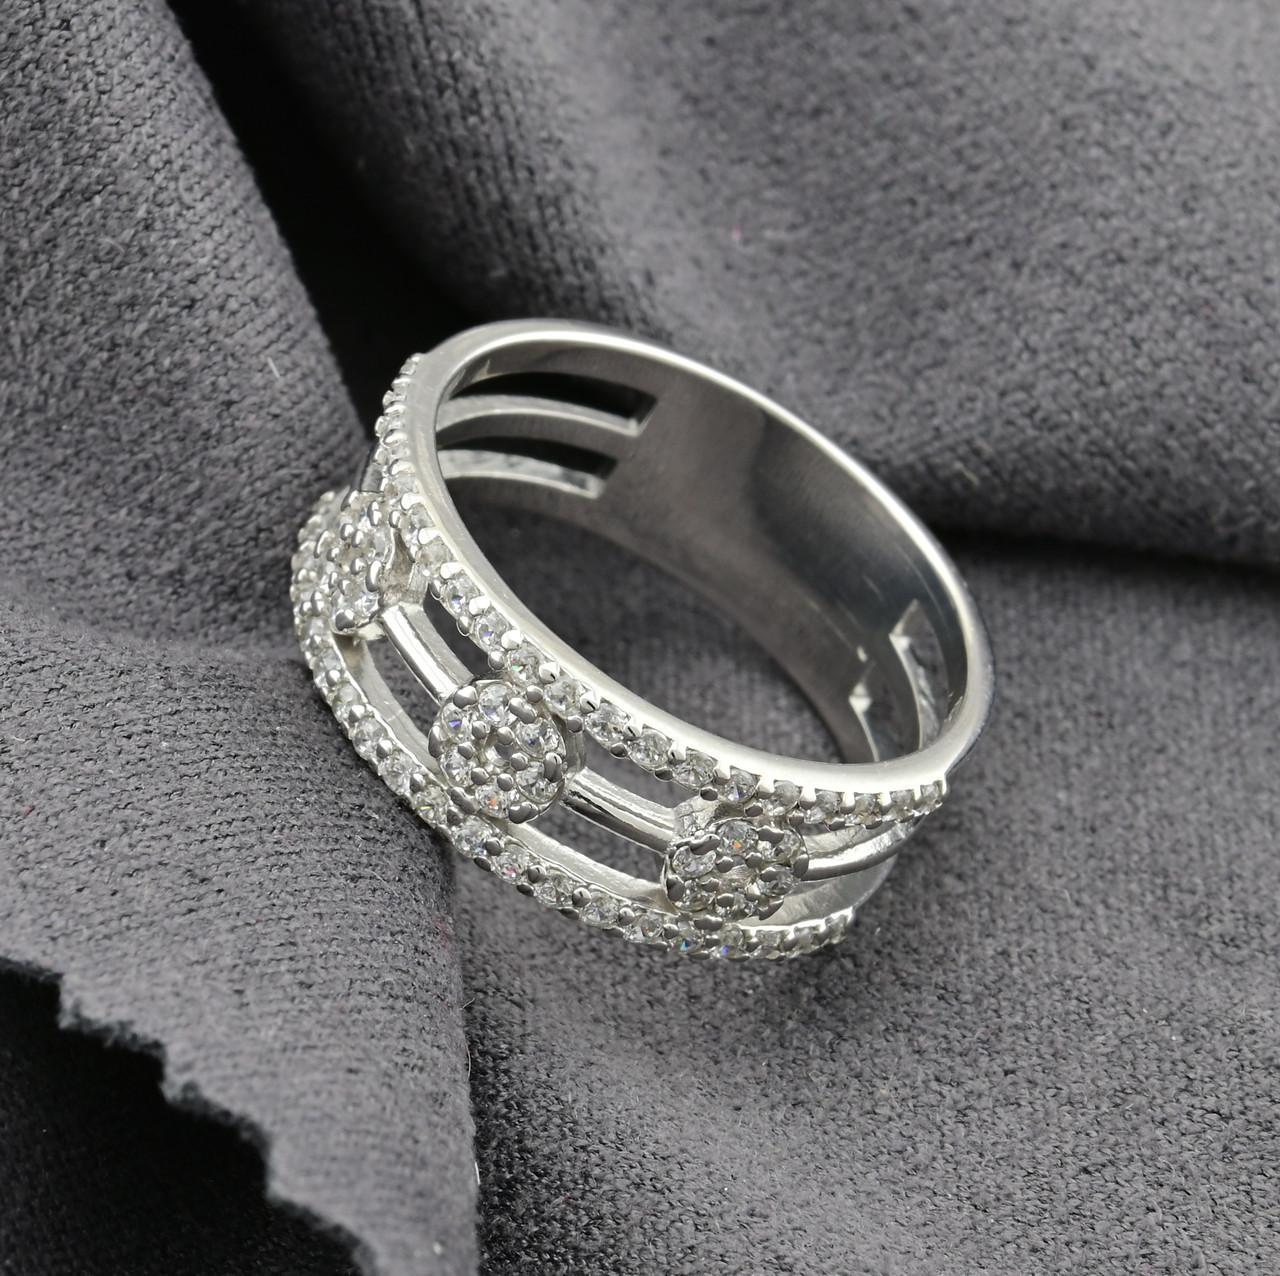 Серебряное кольцо Ш734 вставка белые фианиты вес 2.7 г размер 19